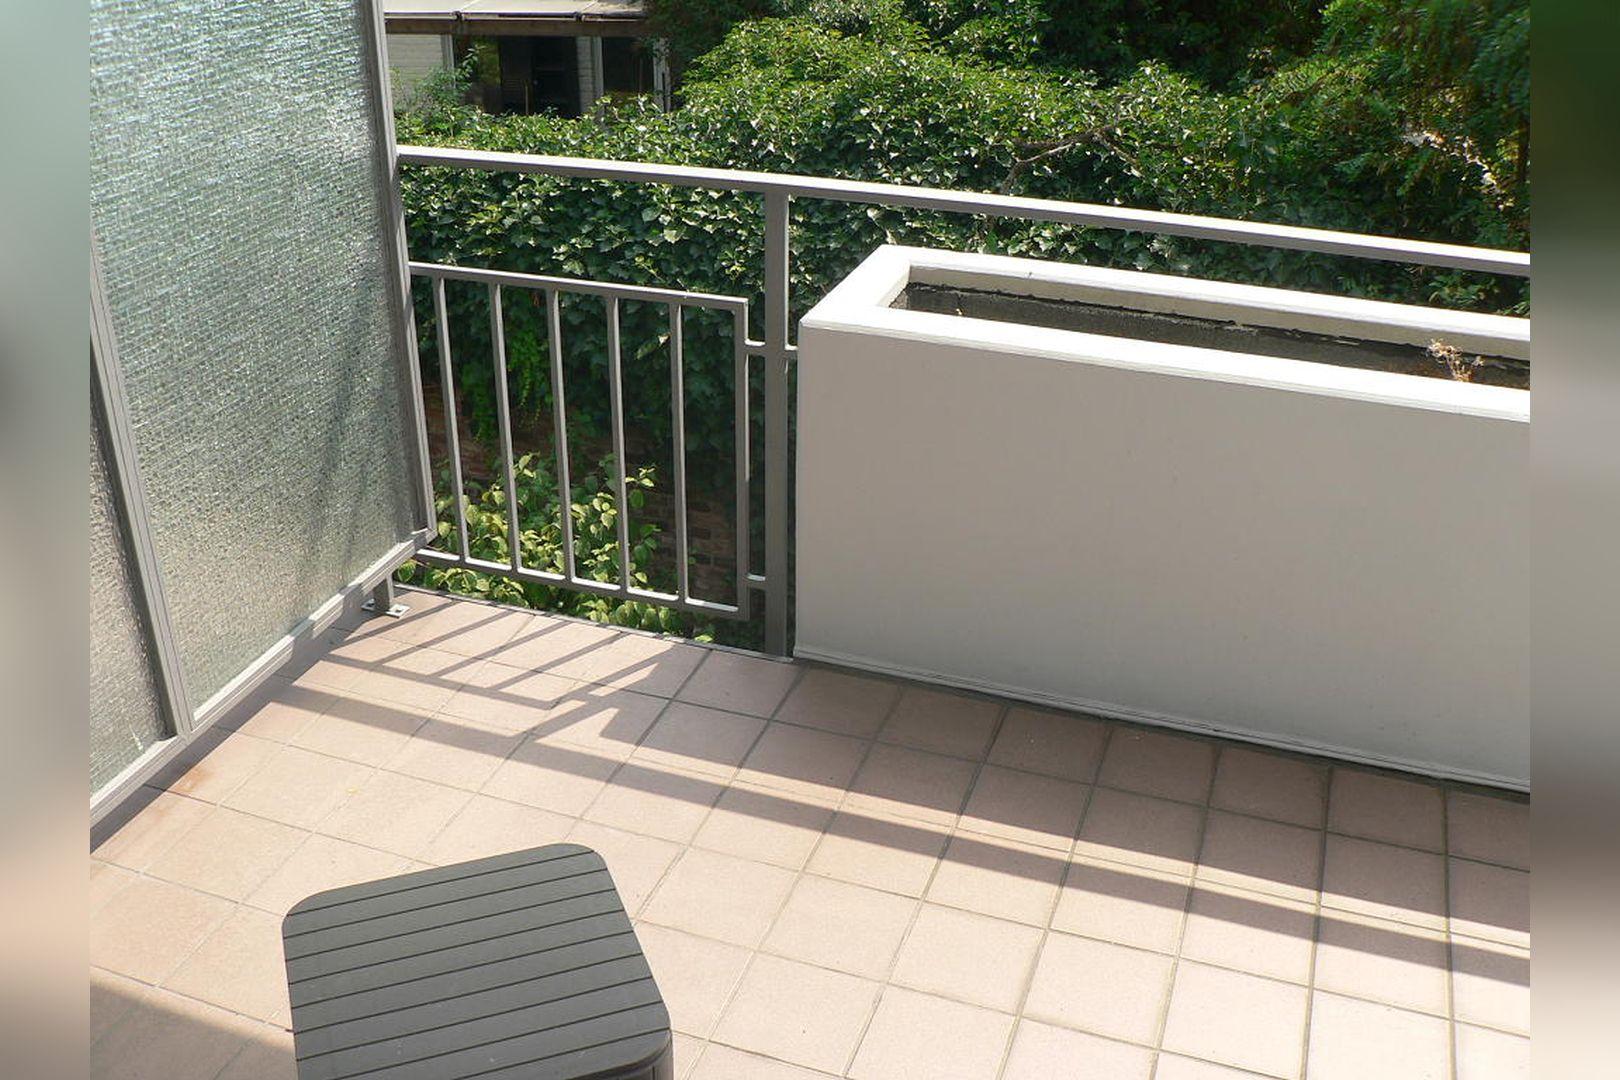 Immobilie Nr.0234 - 1 - Raum - Bürofläche mit Aktenkeller und Balkon - Bild 2.jpg